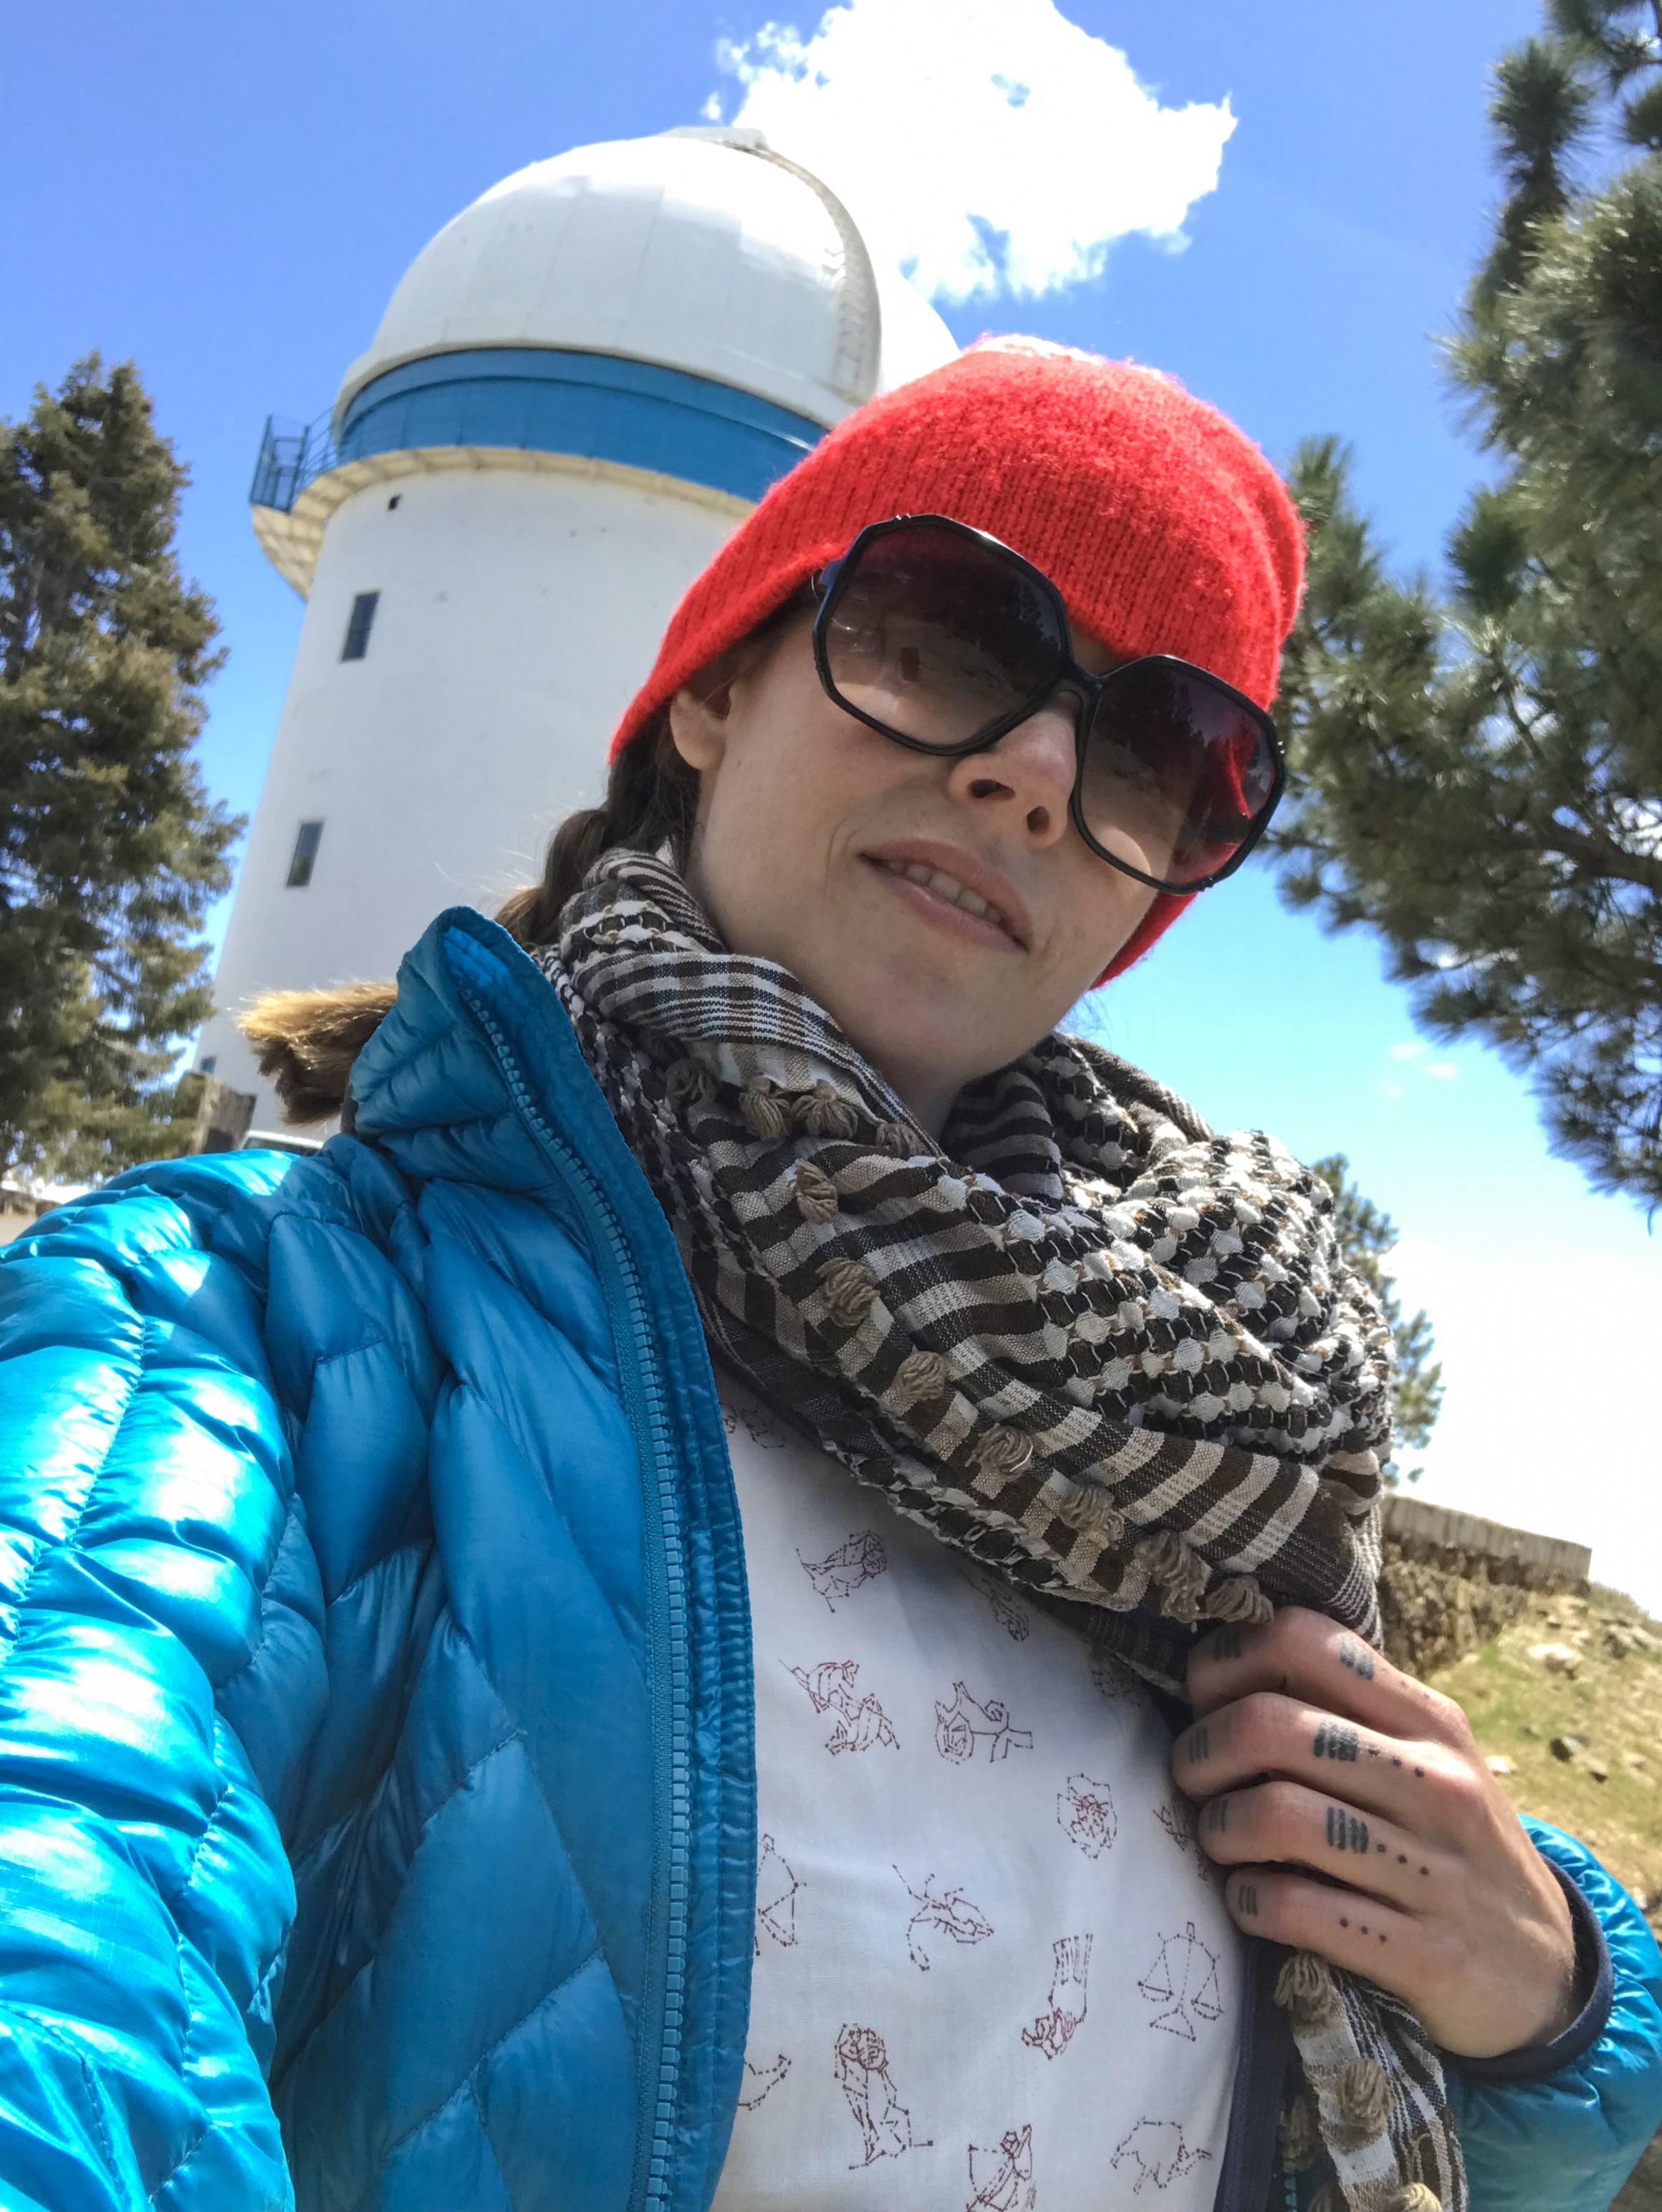 Selfie with my new friend, Senorita Telescope, and my new kickass shirt!